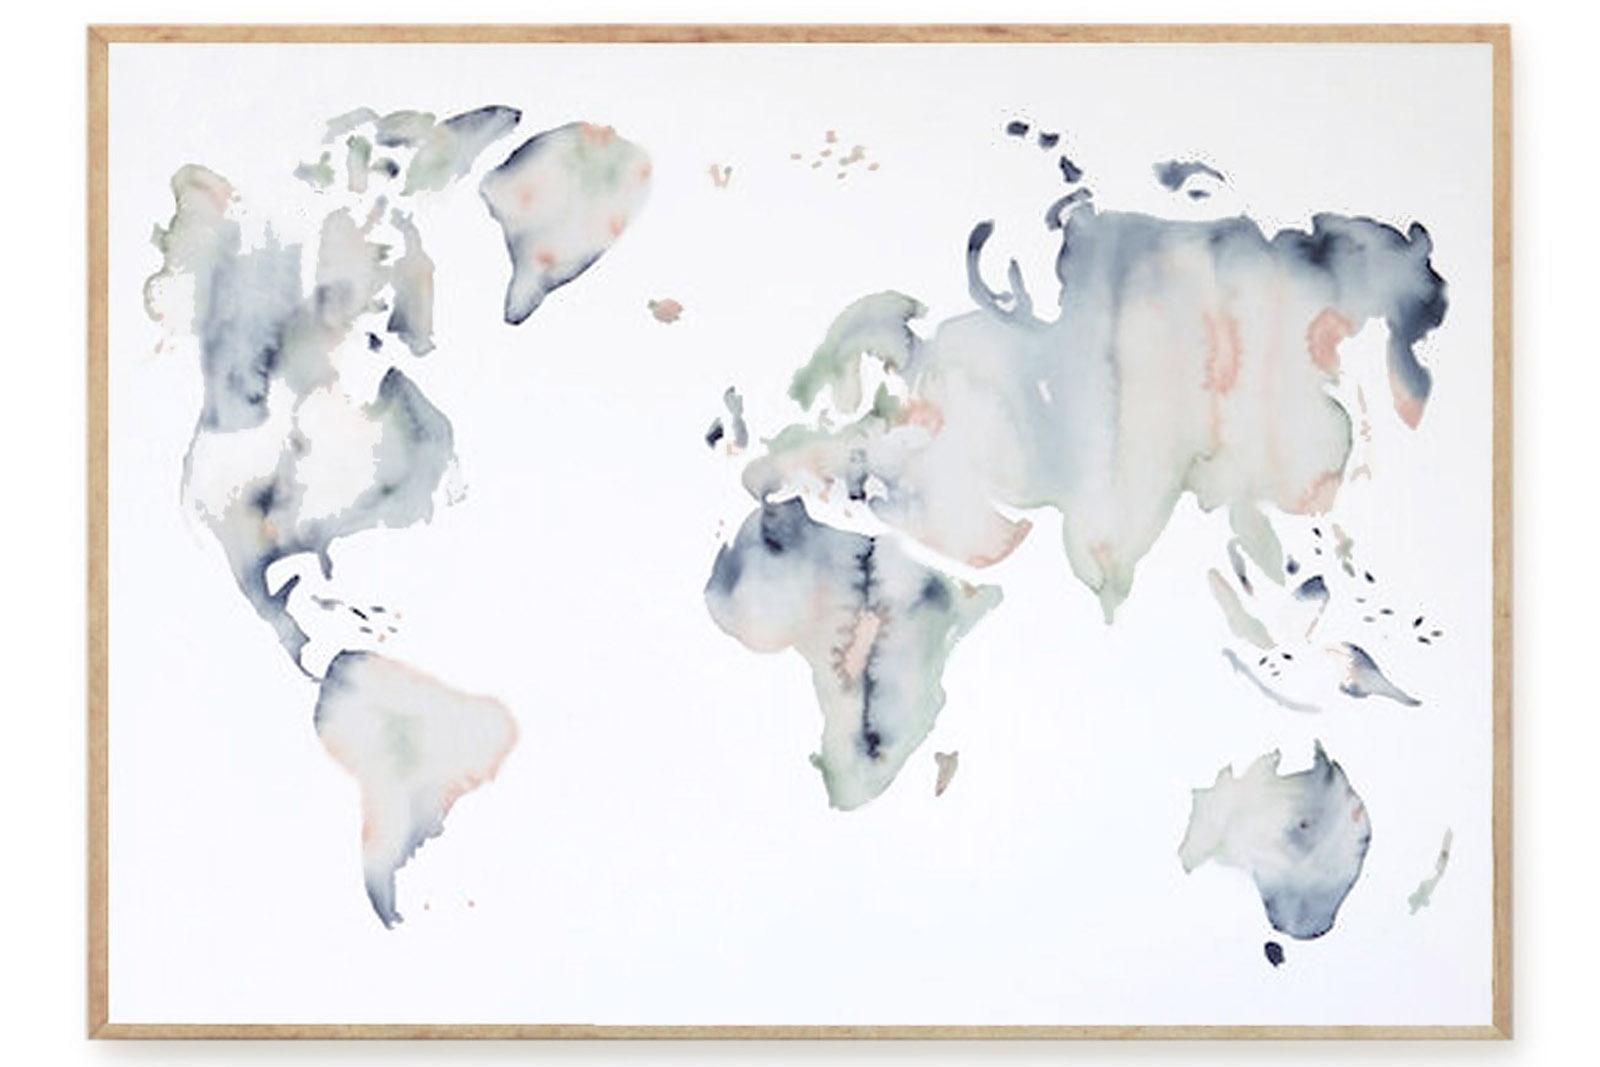 silke bonde ポスター/アートプリント 70×100cm Our world【デンマーク イラスト インテリア 北欧雑貨 おしゃれ 壁掛け 絵画 パネル モダン モノクロ モノトーン】